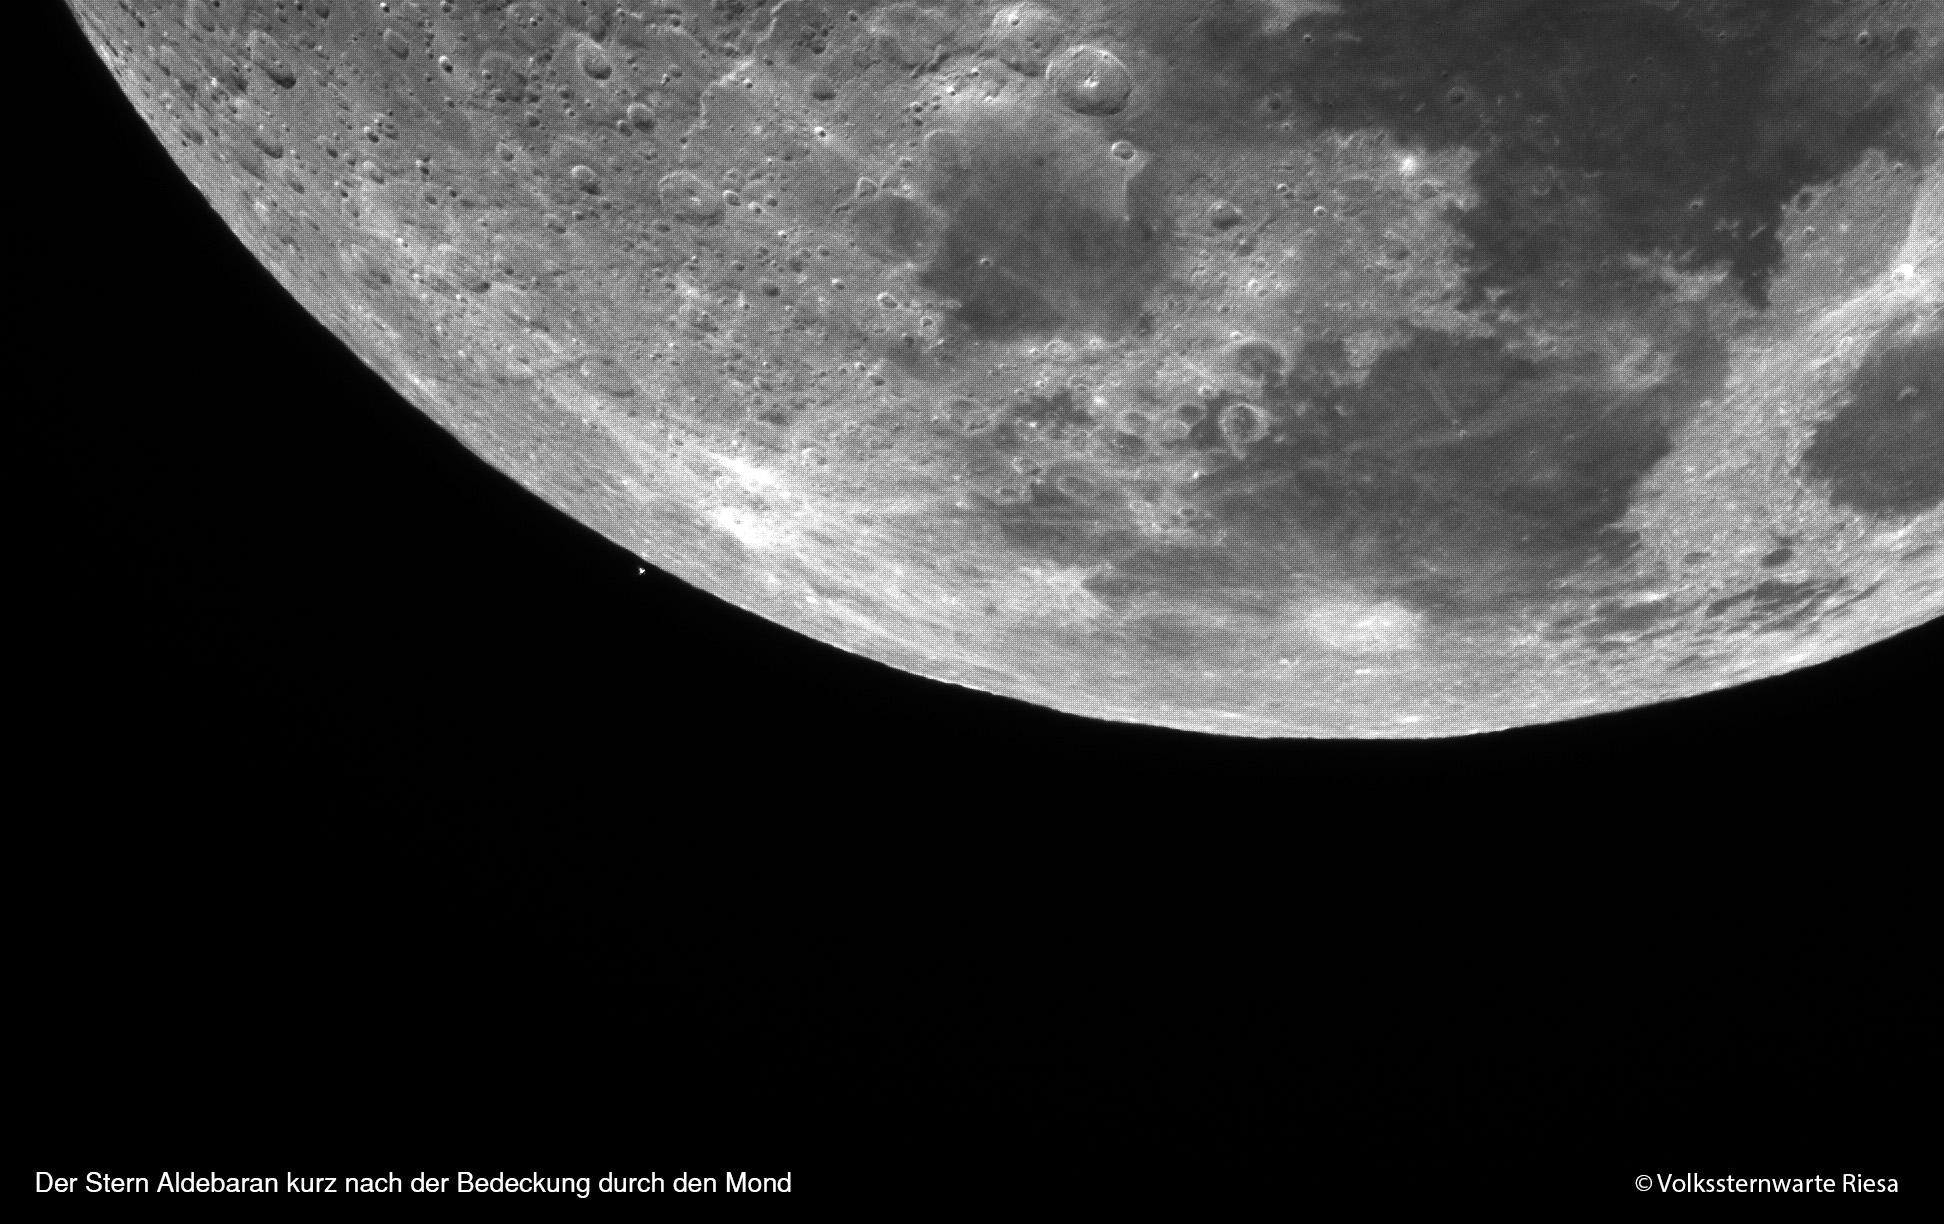 Aldebaranbedeckung durch den Mond